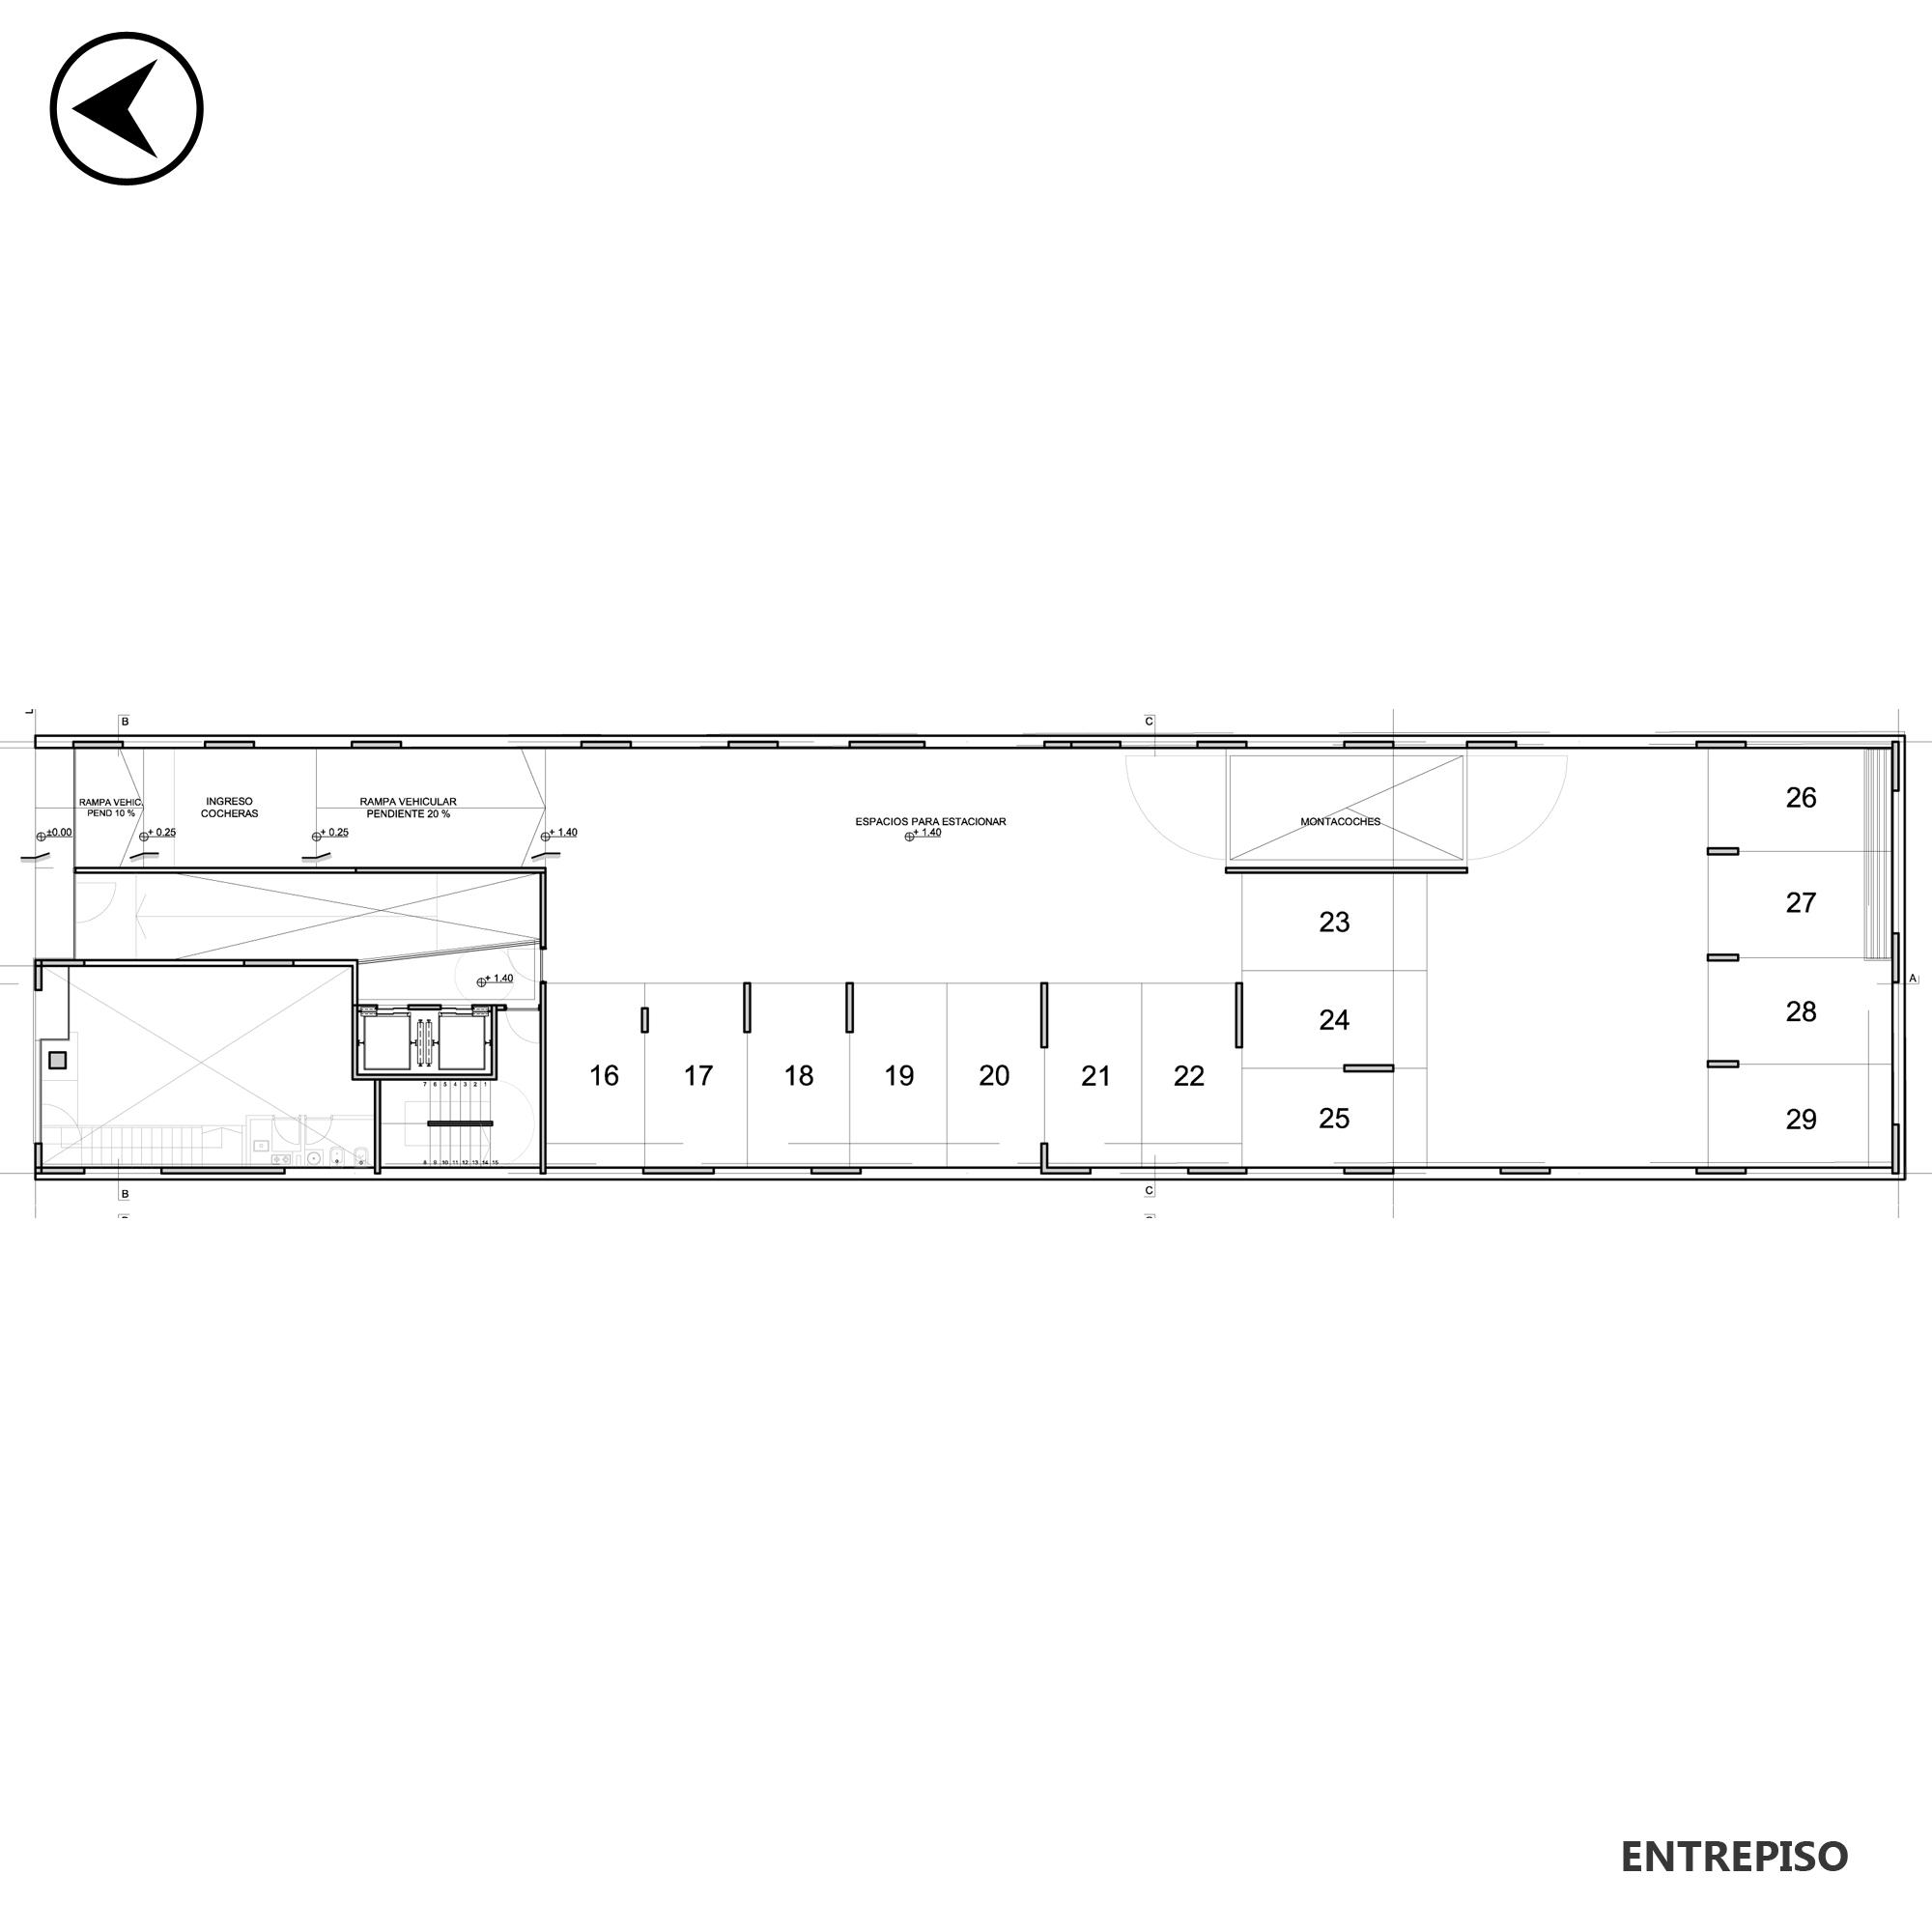 Venta departamento 2 dormitorios Rosario, Abasto. Cod CBU20406 AP2008577. Crestale Propiedades